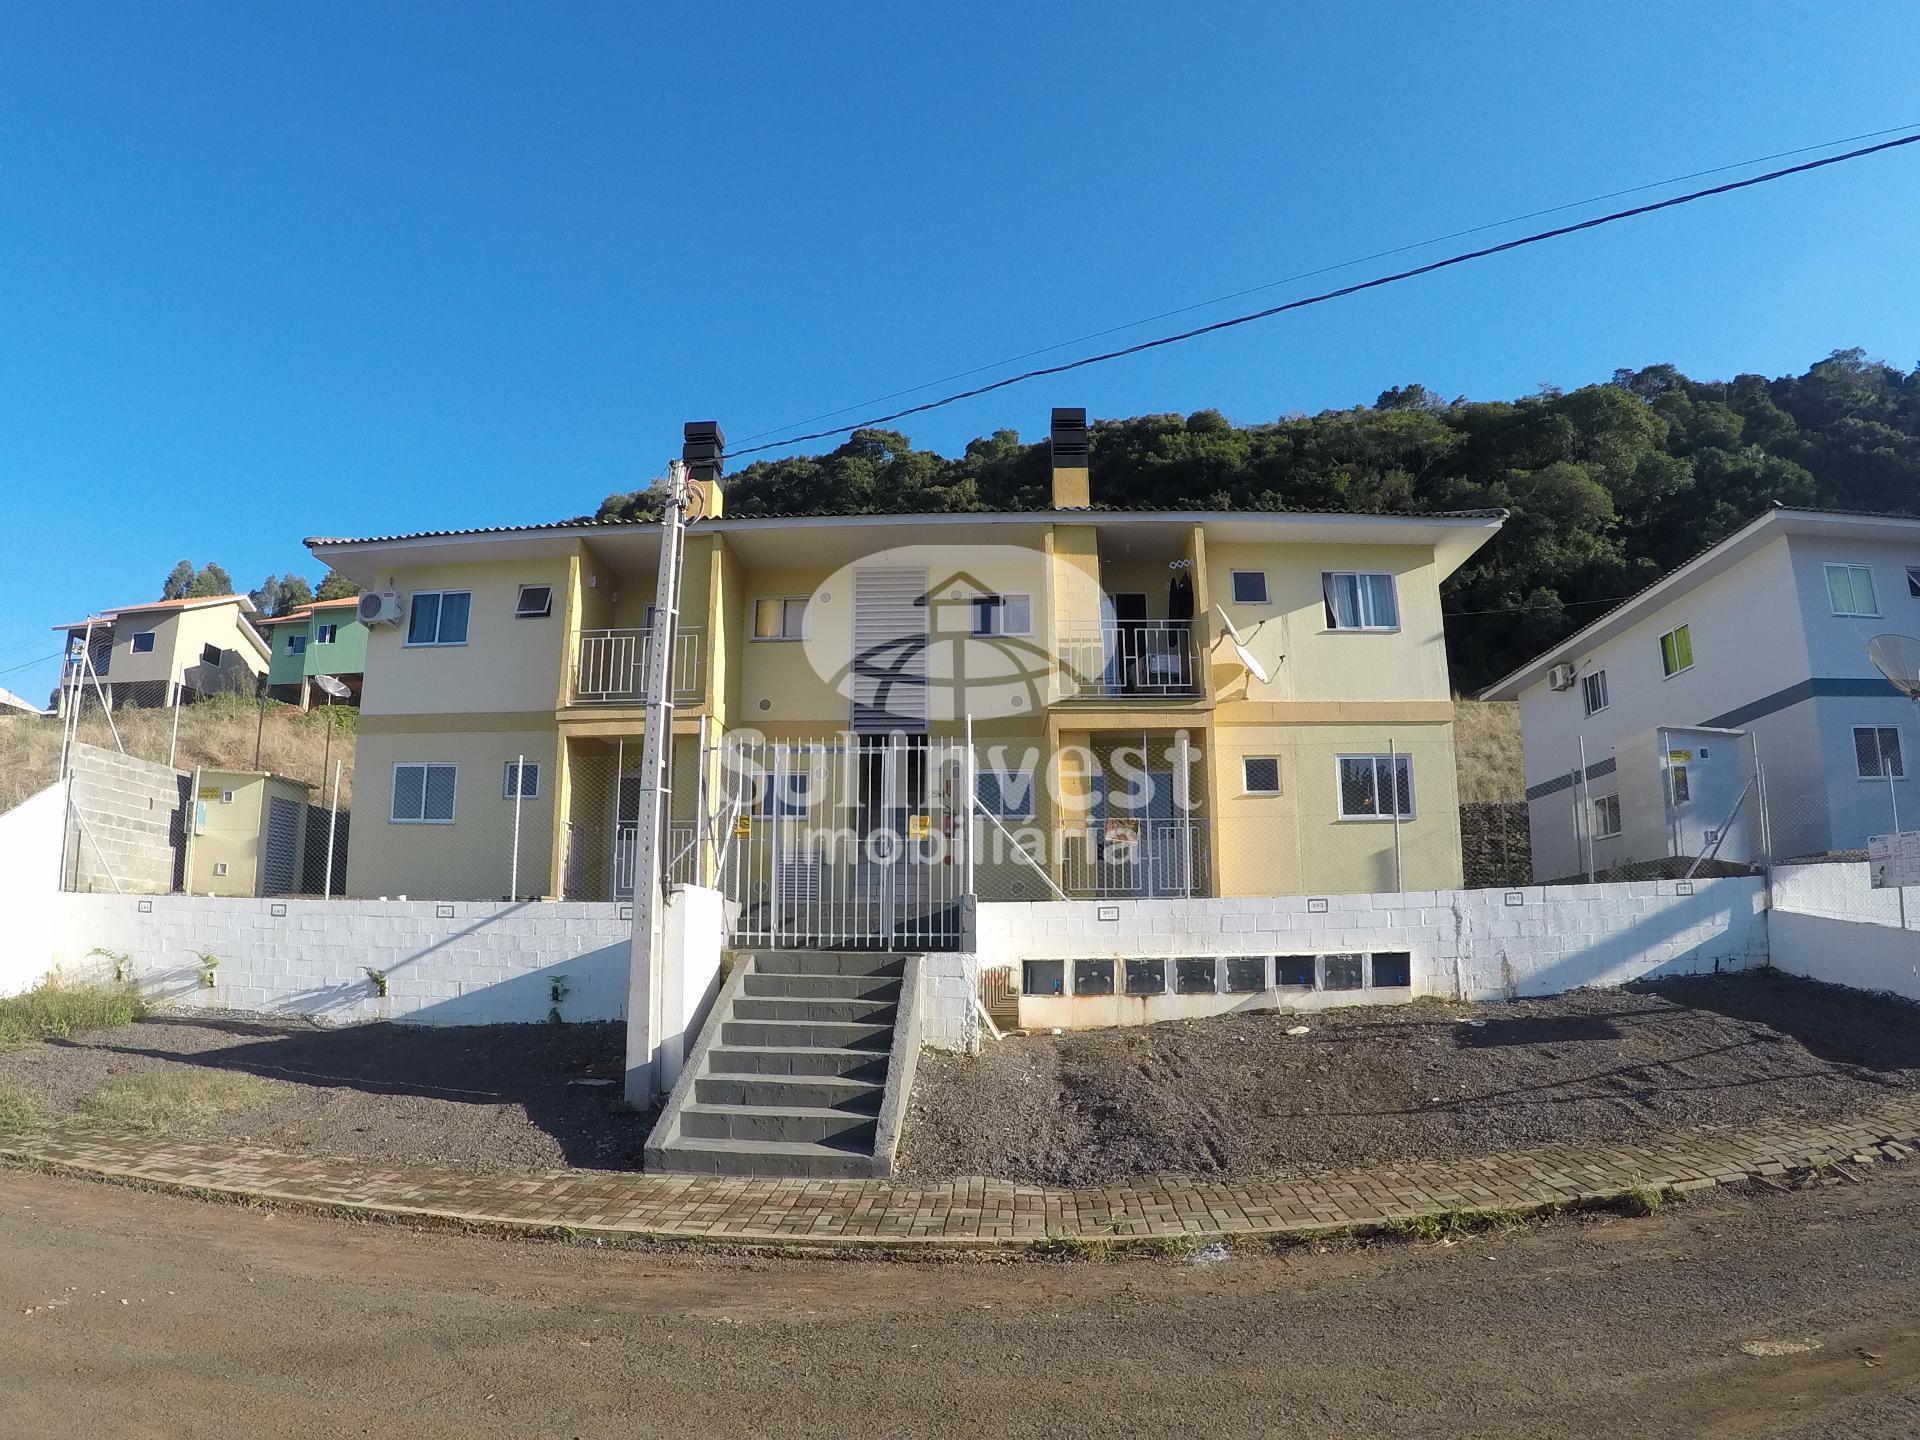 Apartamento à venda, SÃO DANIEL, SEARA - SC